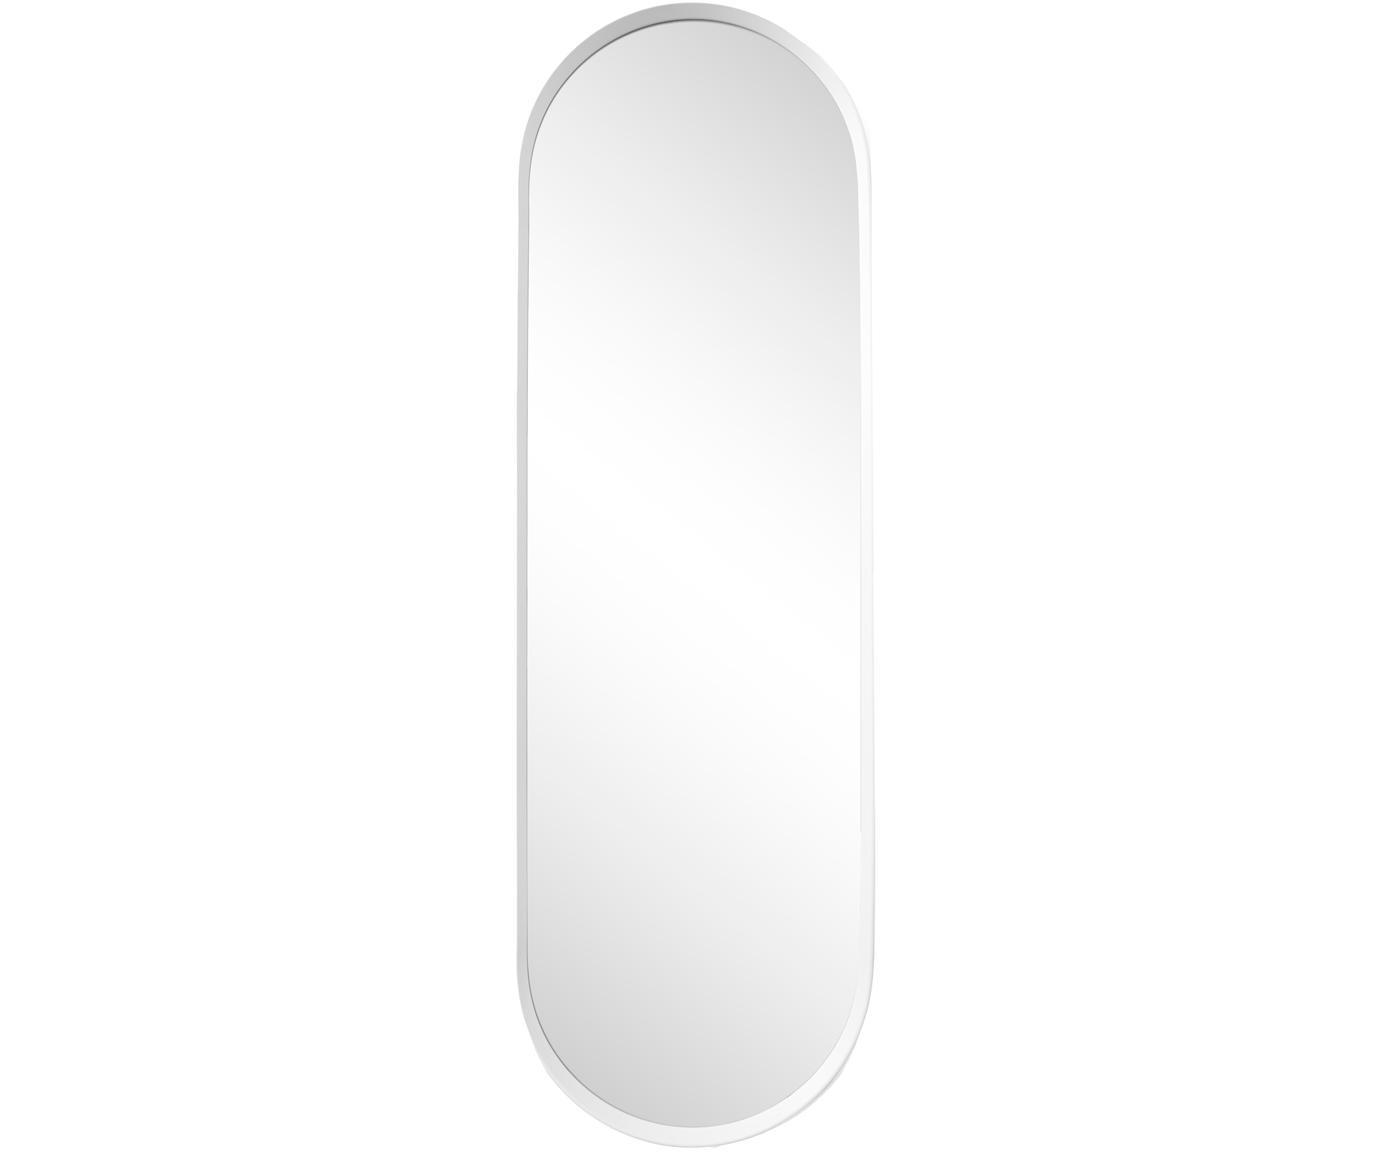 Specchio da parete Norm, Cornice: alluminio verniciato a po, Superficie dello specchio: lastra di vetro, Bianco, Larg. 40 x Alt. 130 cm